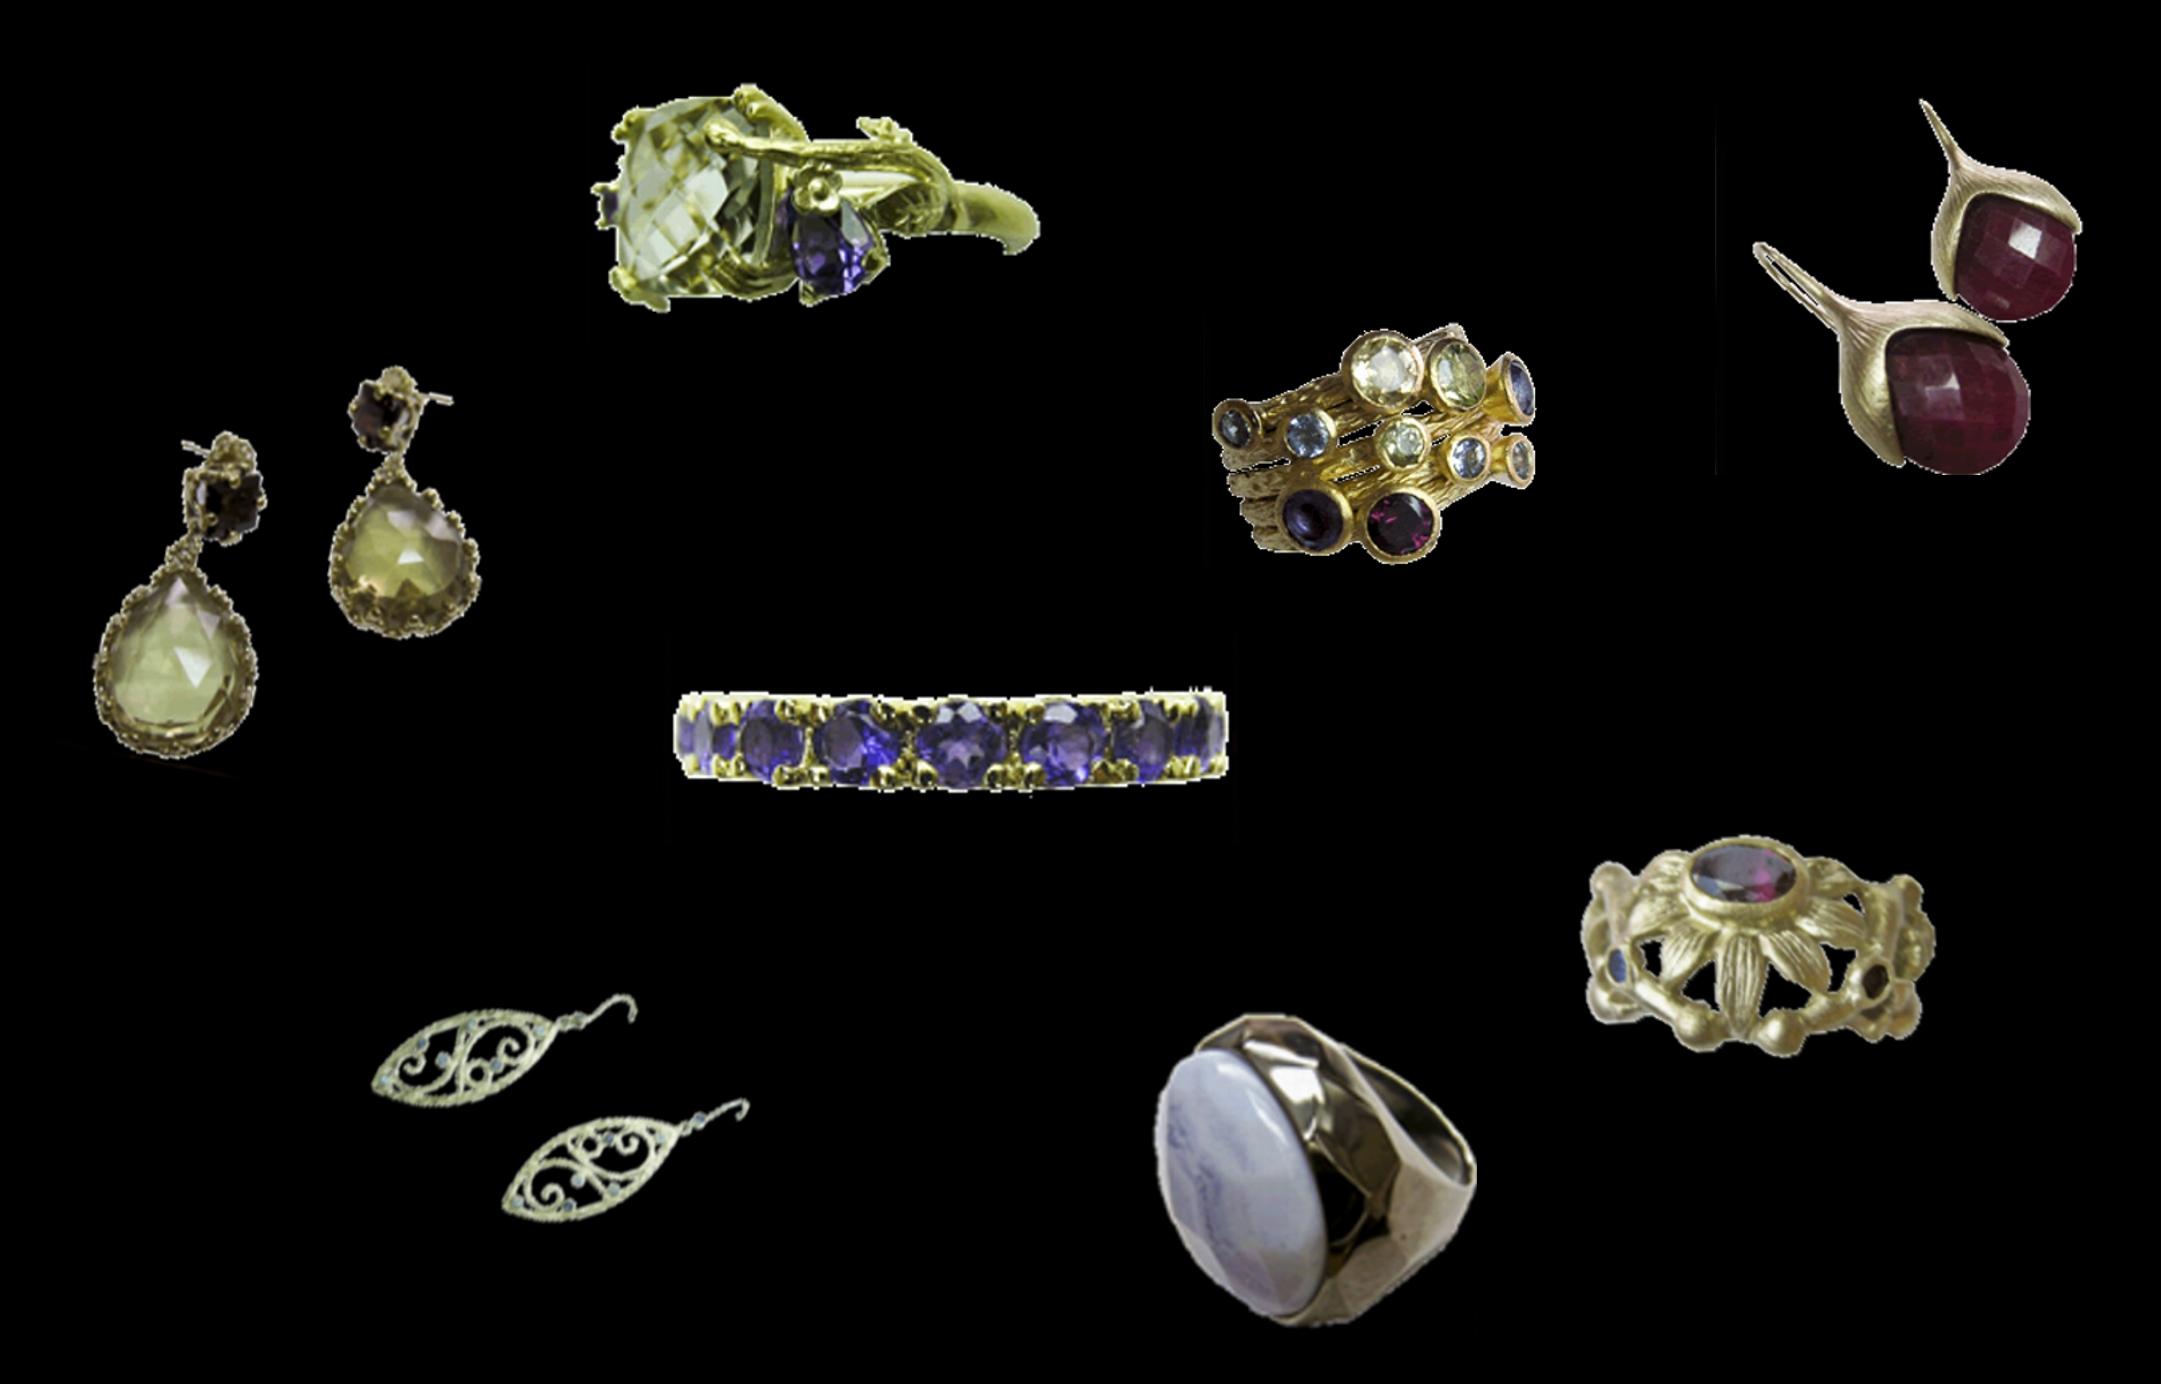 INDIA; Jewellery with precious stones